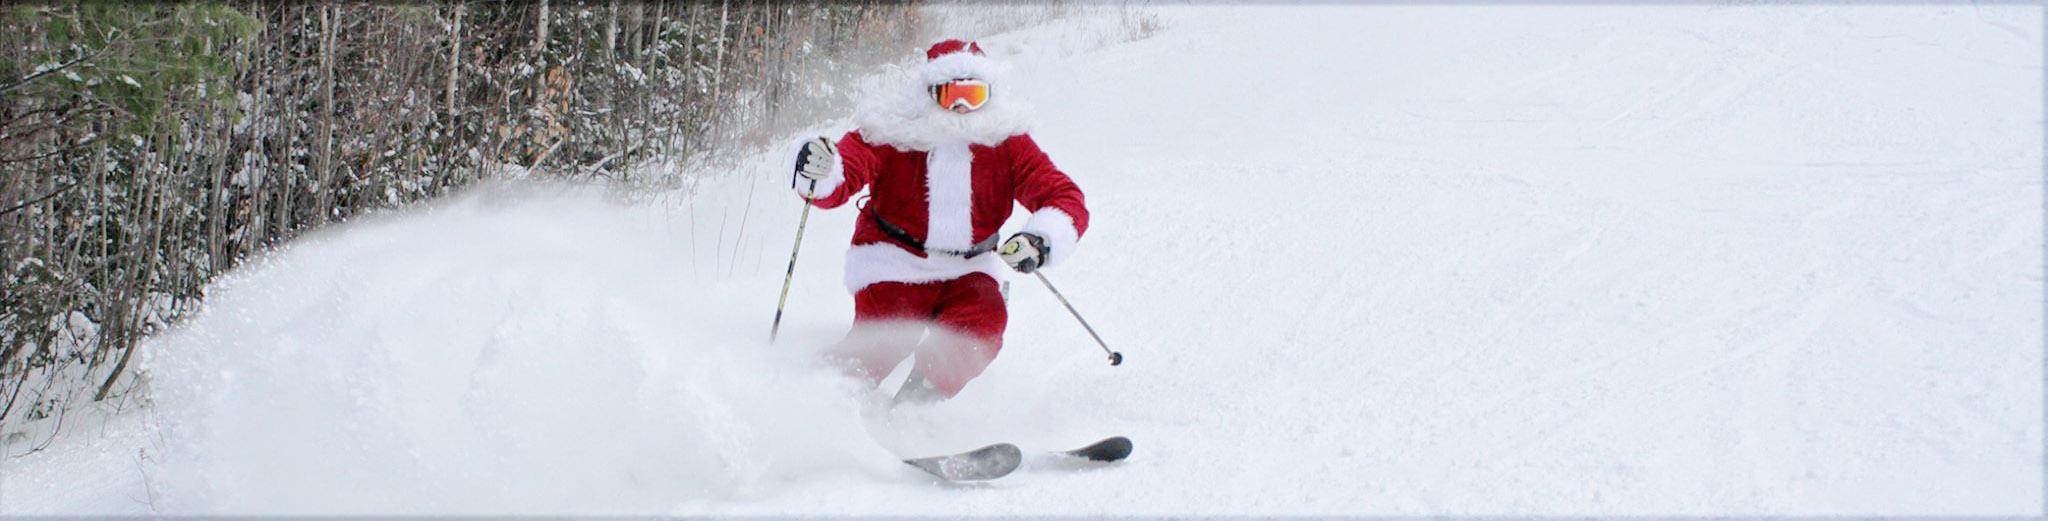 White Mountain Ski Hotel image of Santa Skiing